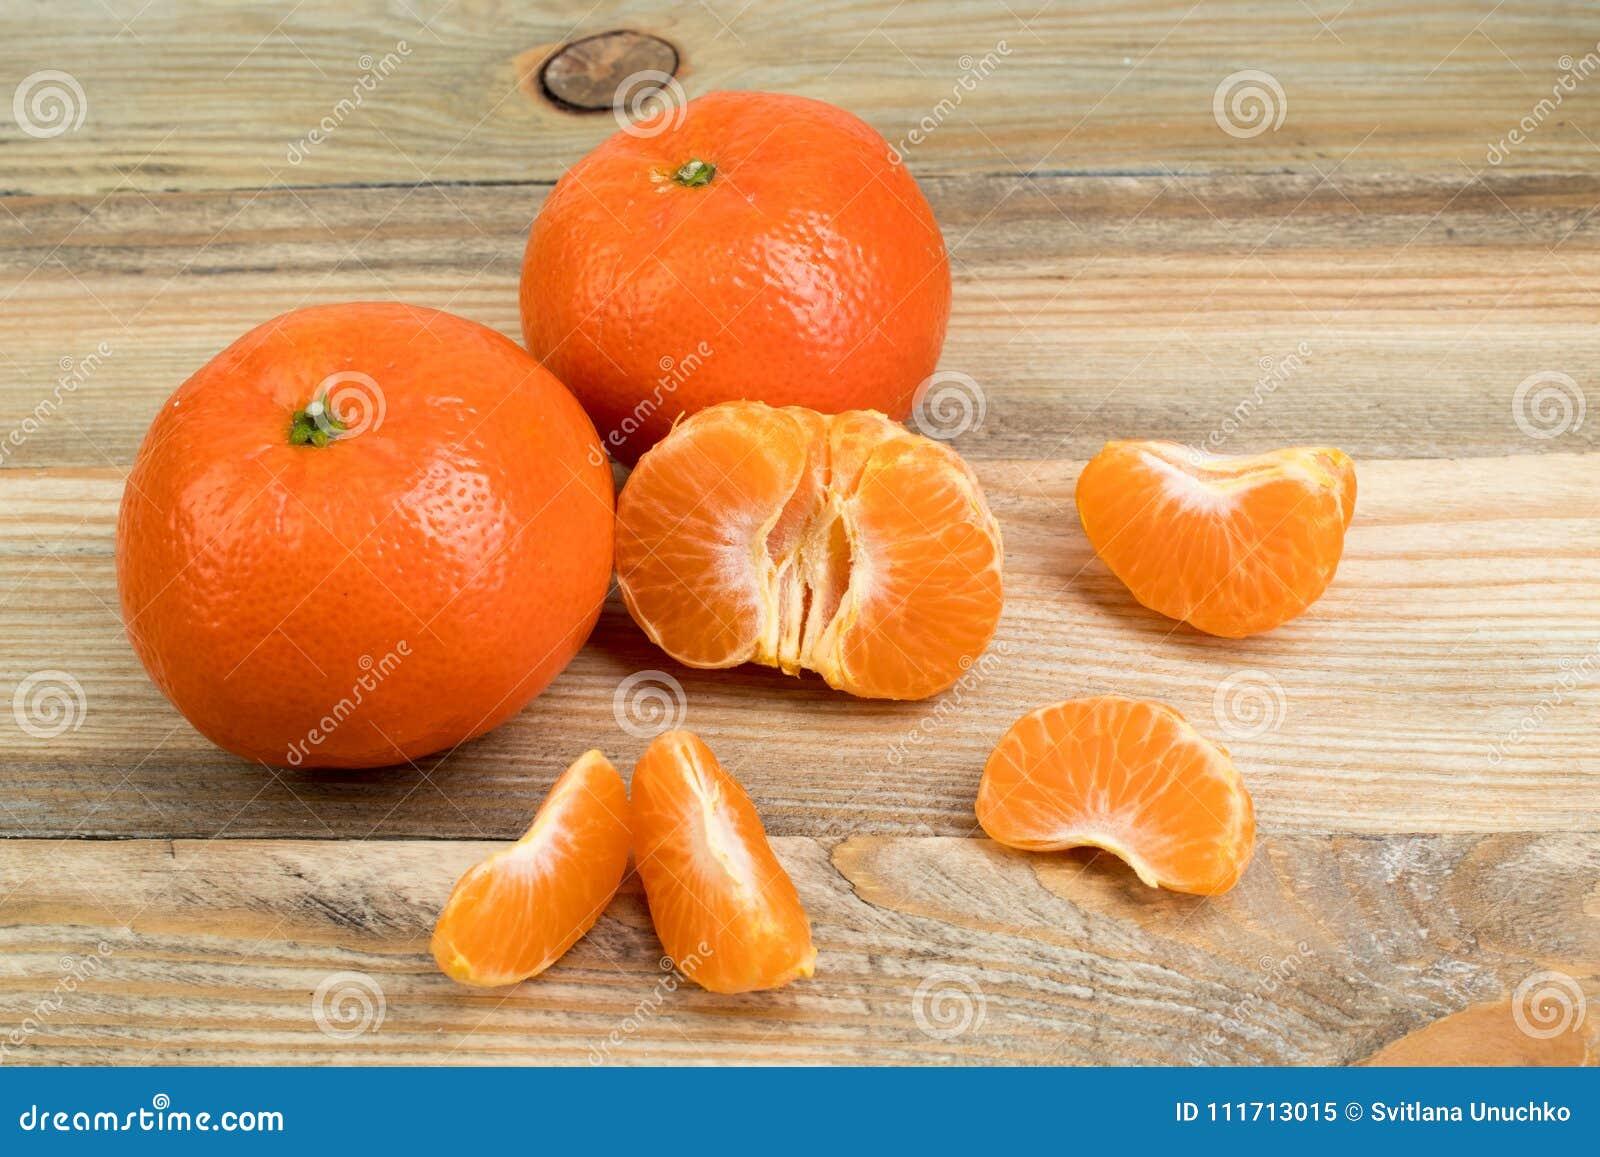 Dojrzała pomarańczowa świeża mandarynka, czysta mandarynka, mandarynka plasterki na drewnianym tle,